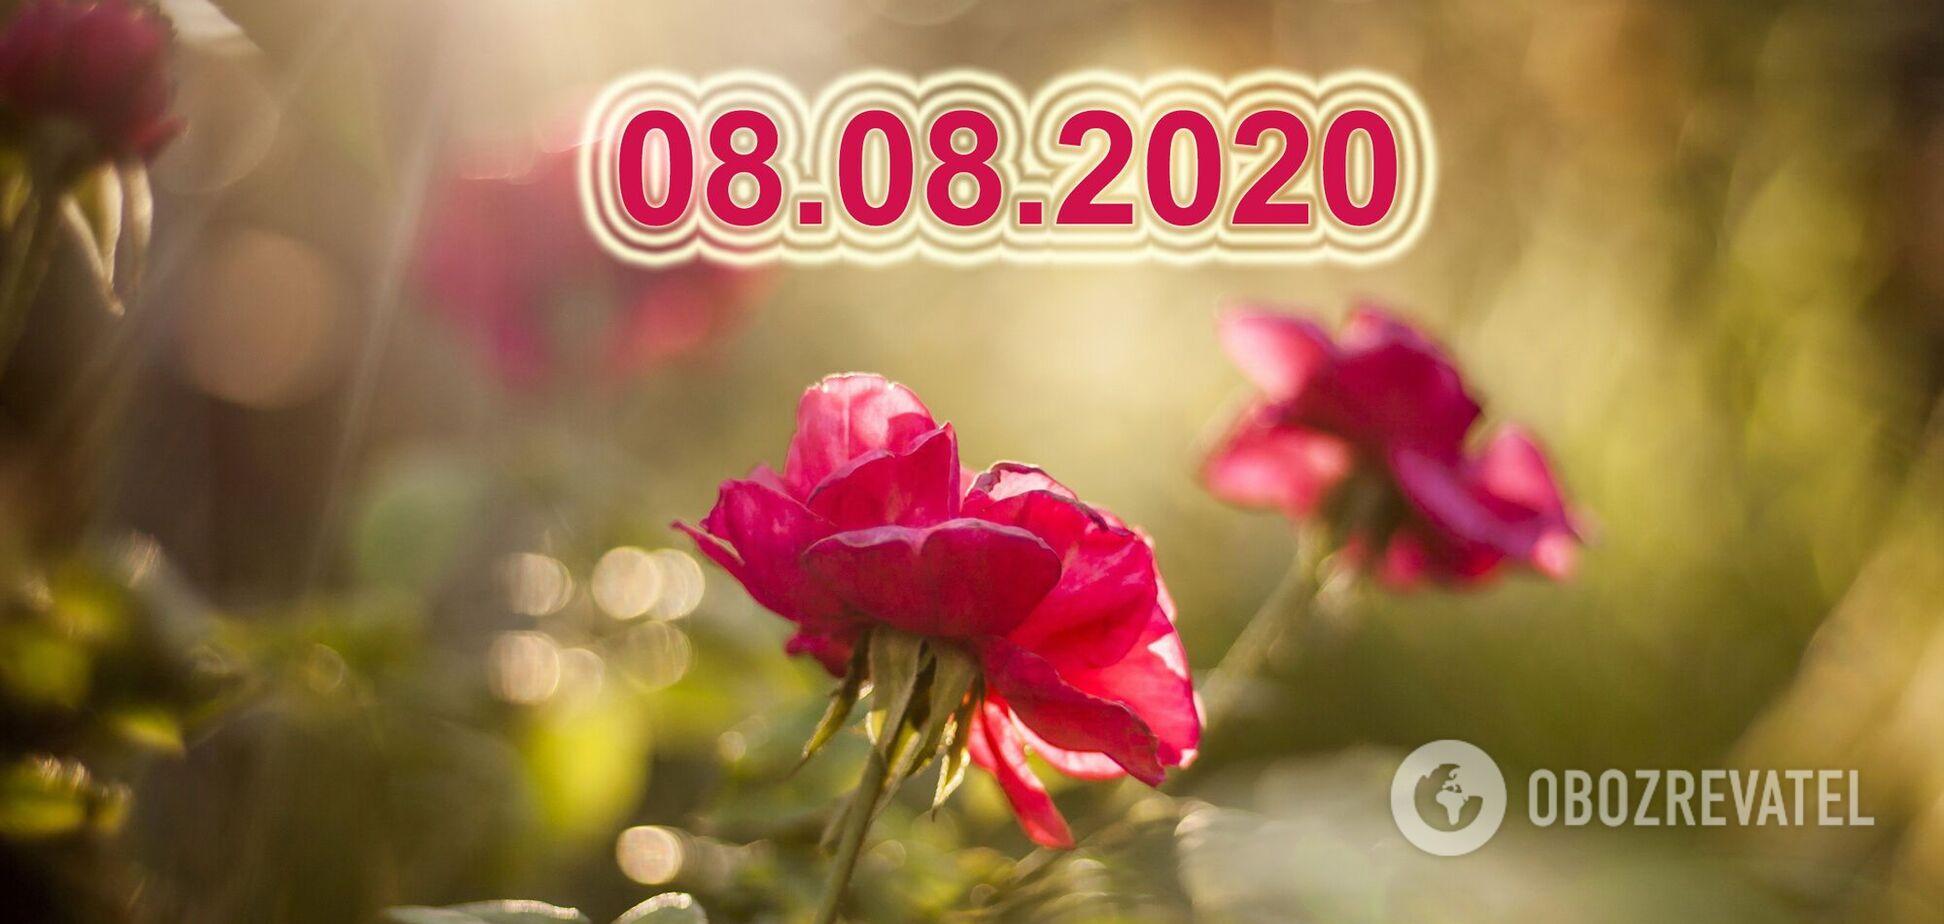 8 августа откроются врата между мирами: что делать 08082020